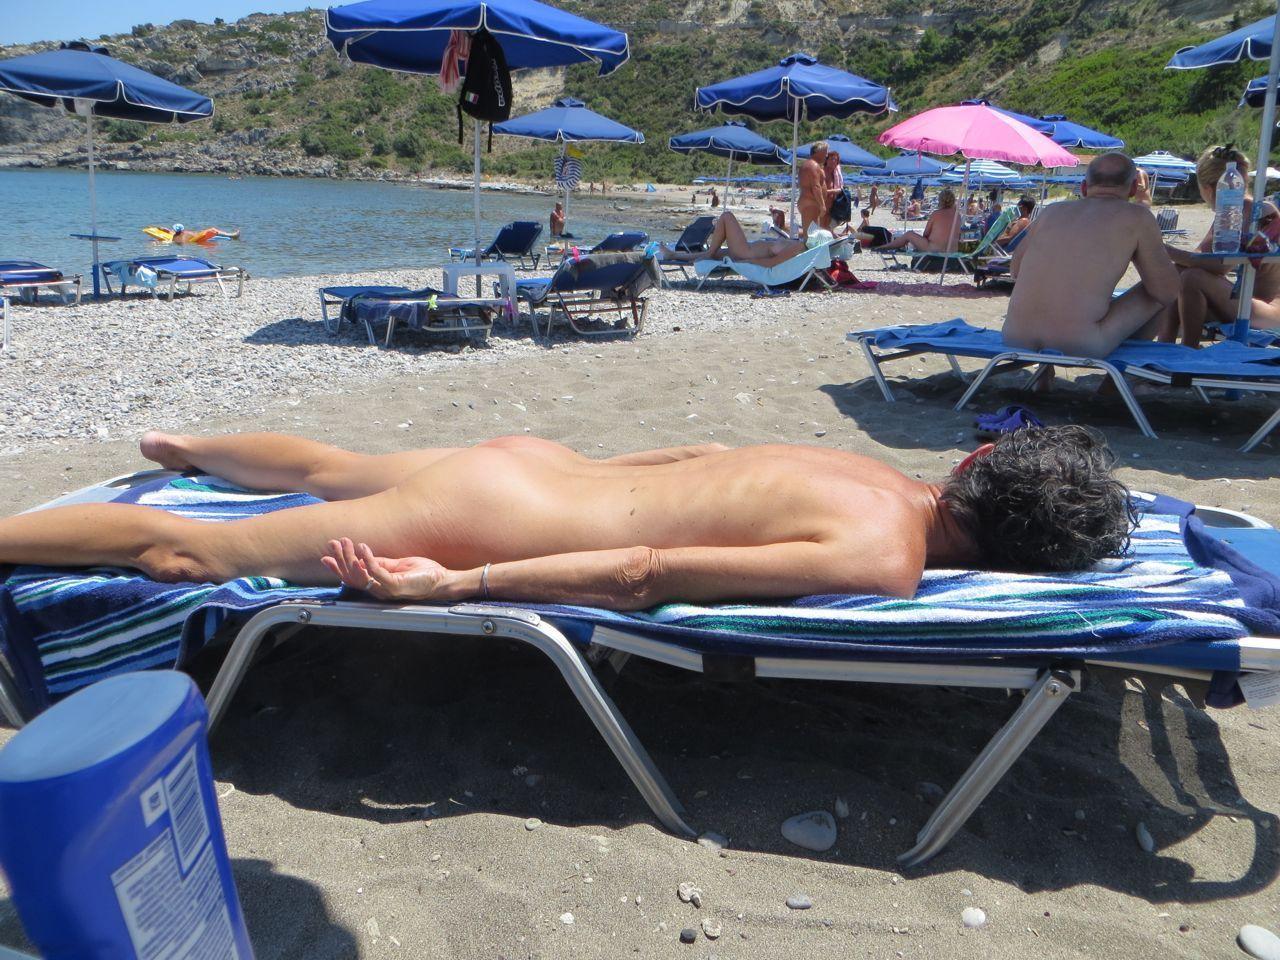 Nude beach nudism flurl